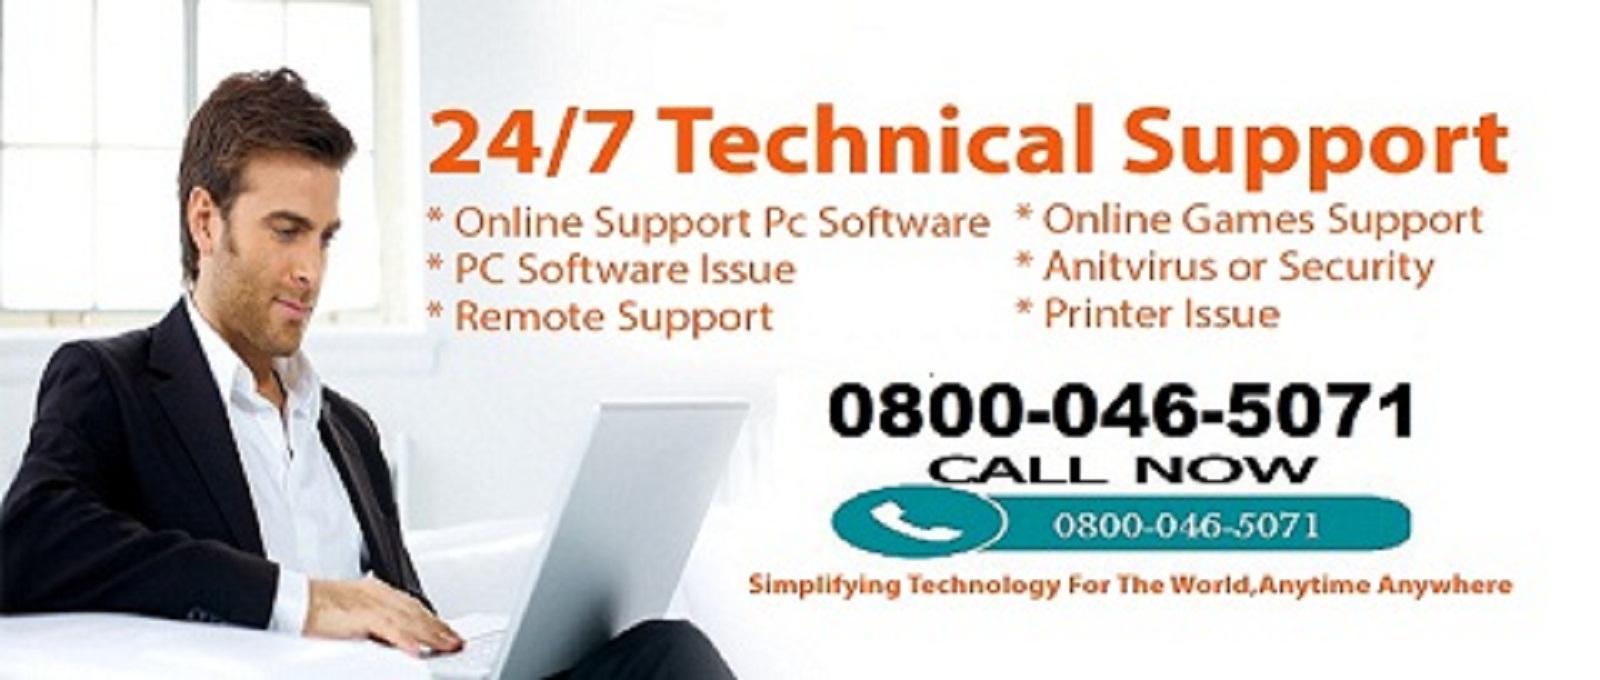 Image for Kaspersky Support Number UK 0800-046-5071 Kaspersky Phone Number UK